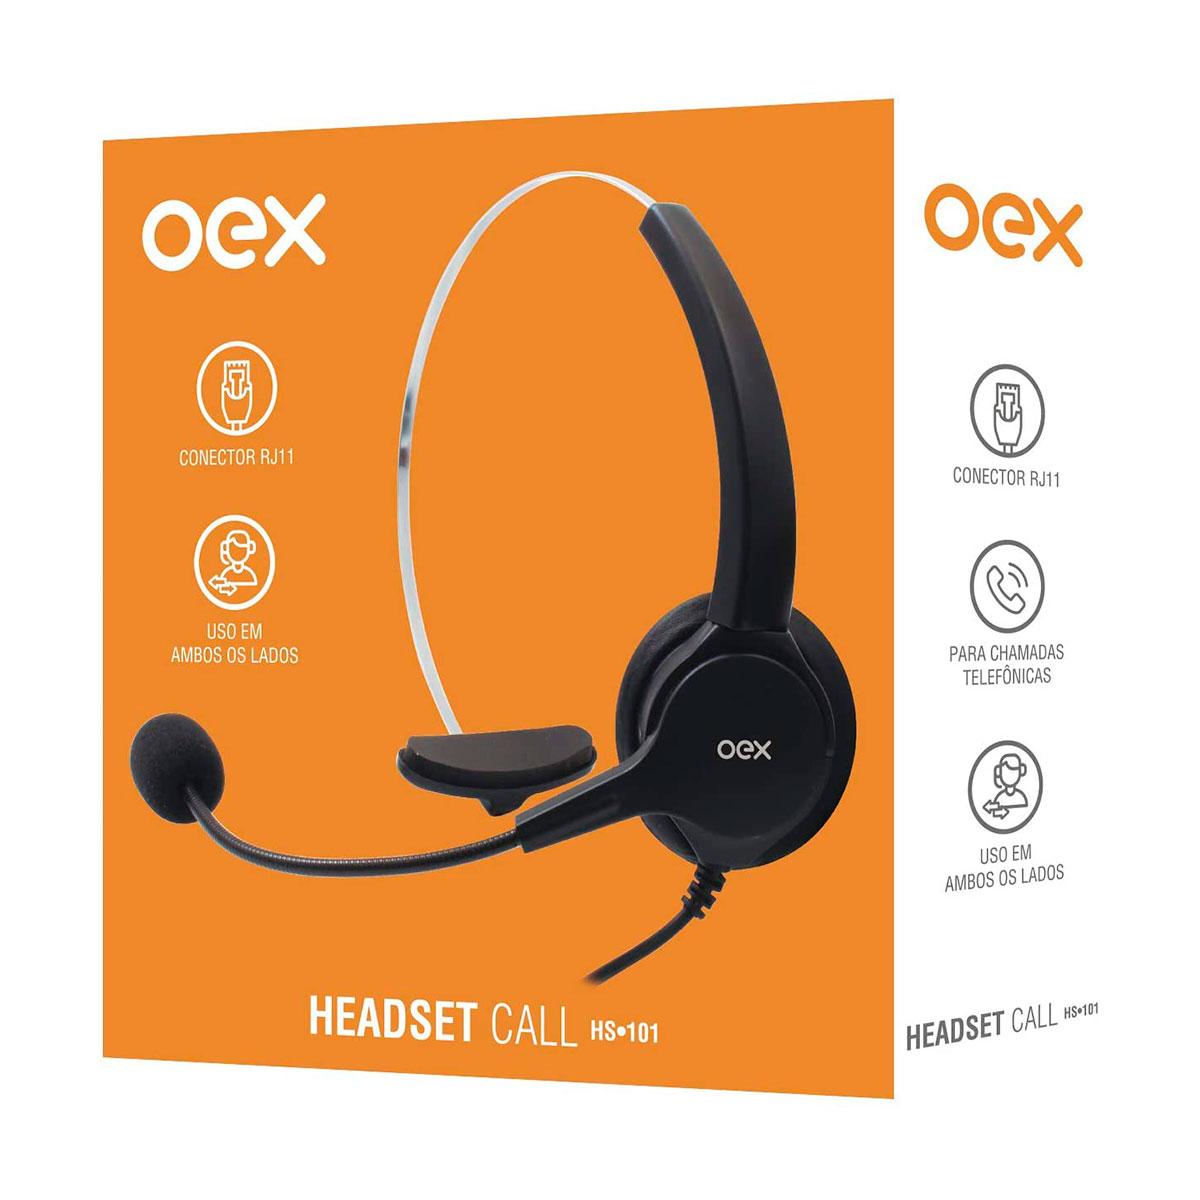 Fone com Microfone OEX Call HS101 Conector RJ11, Conformidade com a NR17, Ajustável - Preto